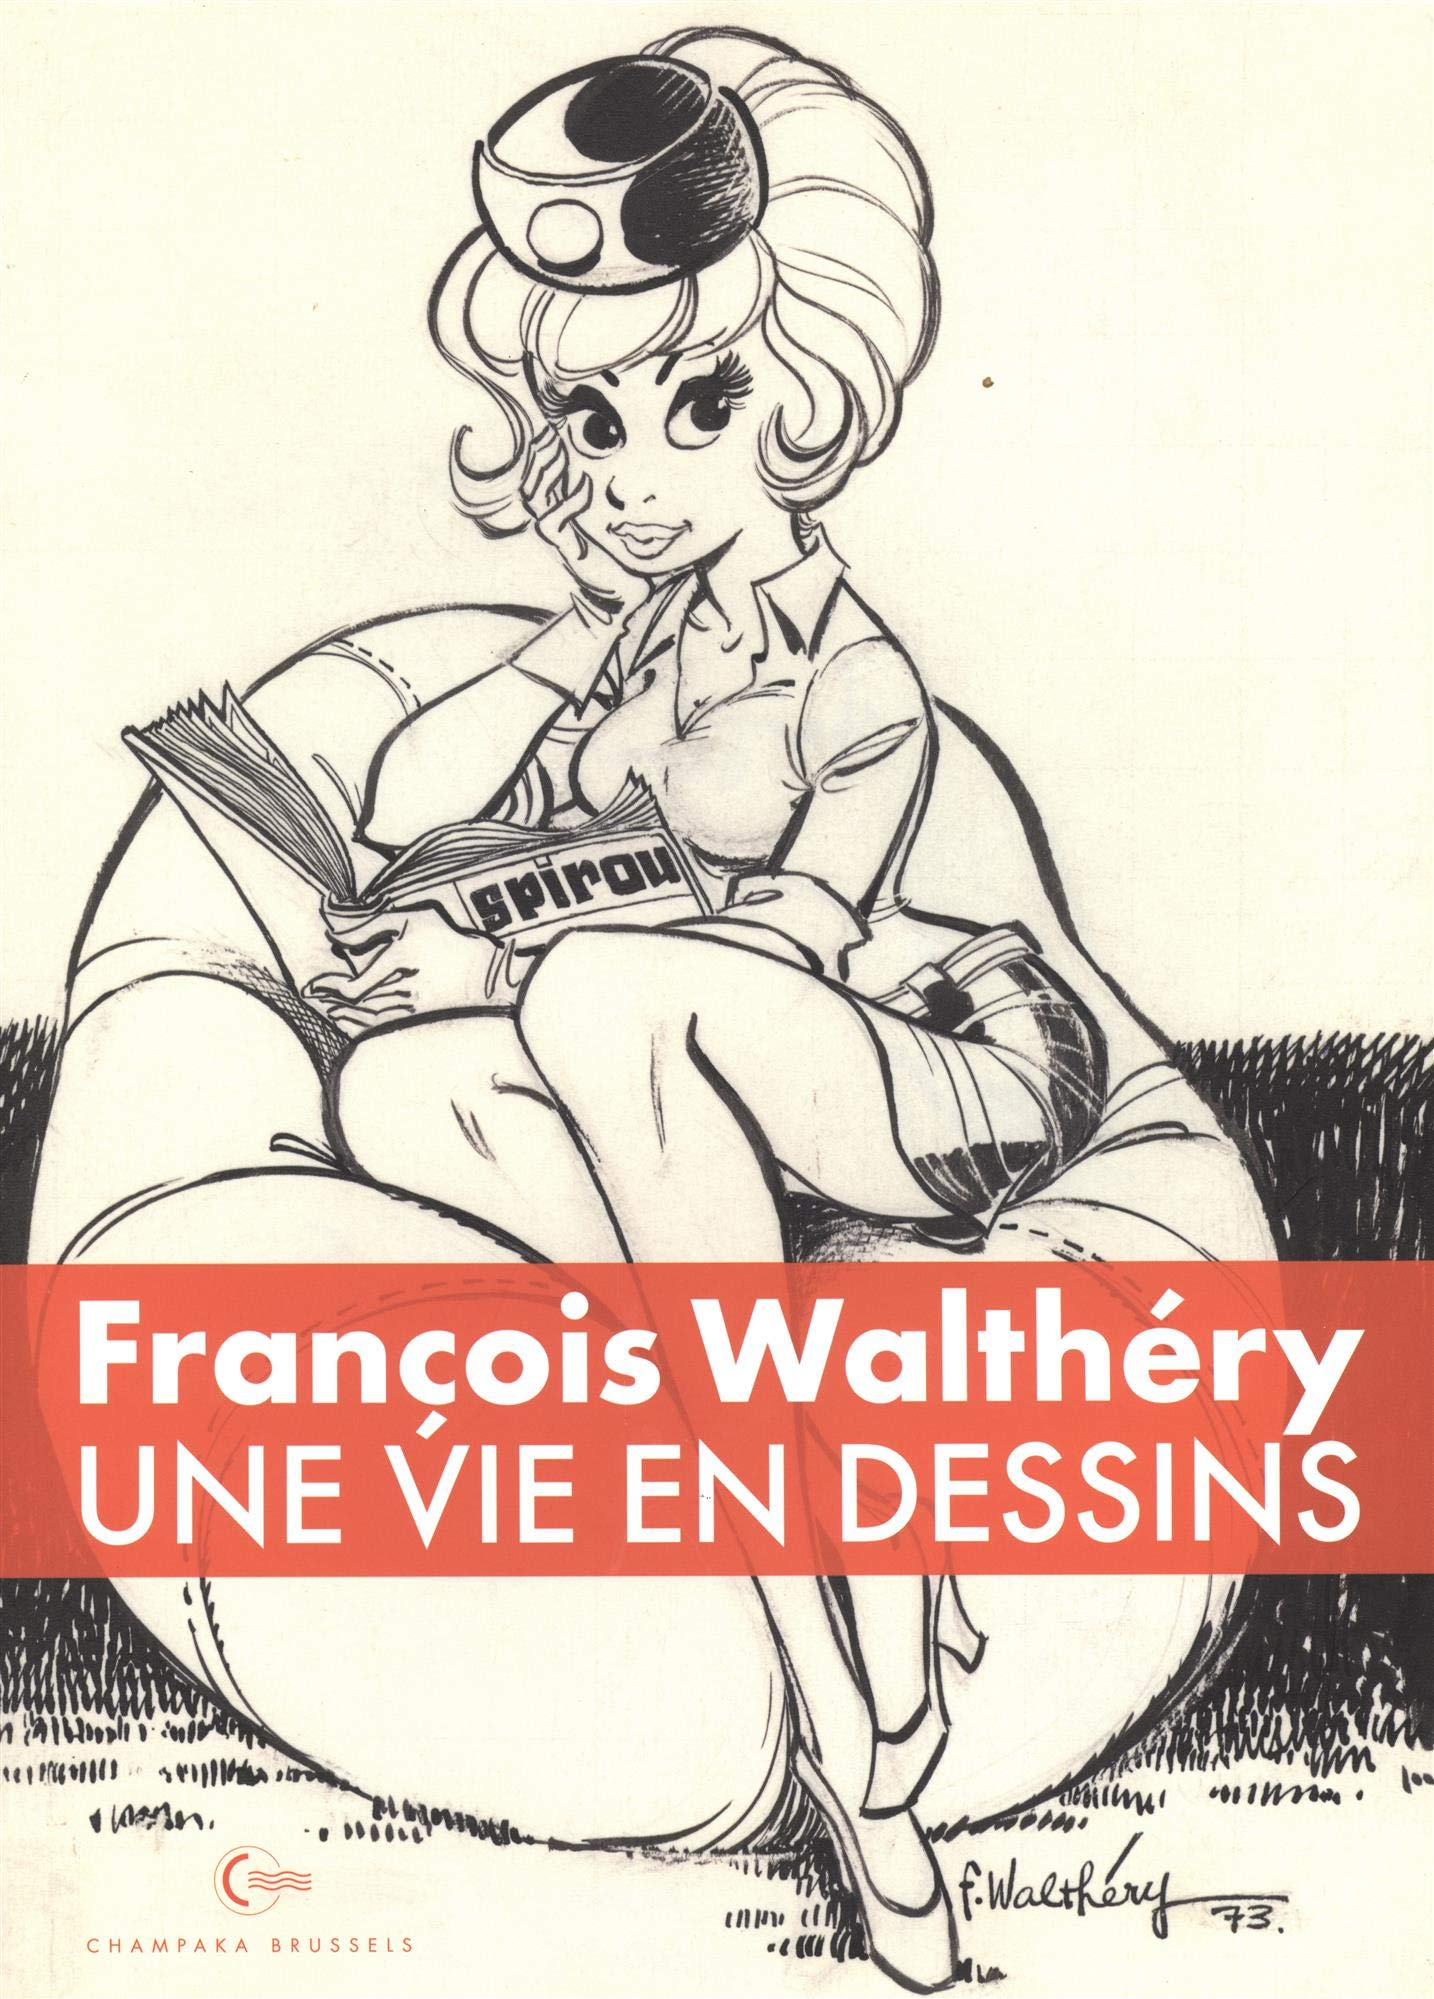 Walthéry, une oeuvre à travers les femmes (couvertures d'Une vie en dessins (Champaka Brussels 2019) et du n° 2 de L'Aventure)